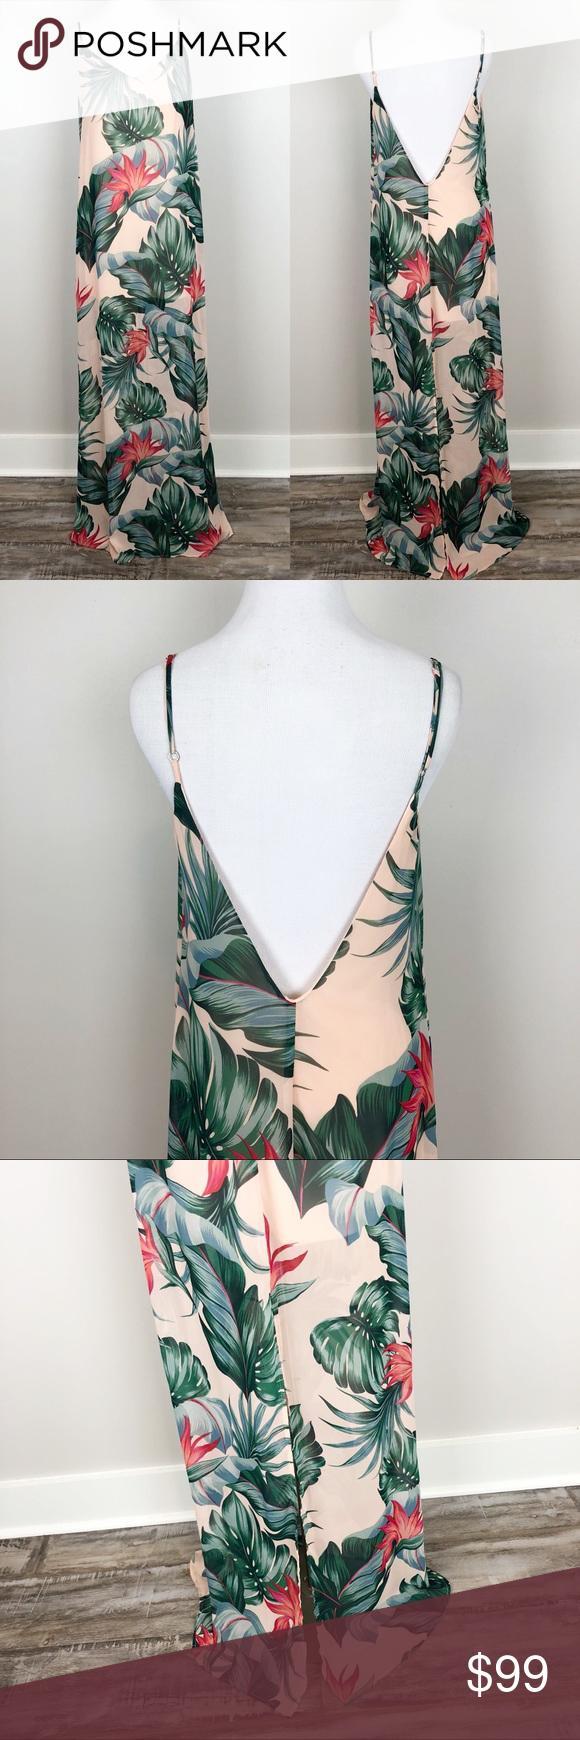 Show Me Your Mumu Jolie Maxi Dress Kauai Kisses Floral Print Maxi Dress Clothes Design Fashion Design [ 1740 x 580 Pixel ]